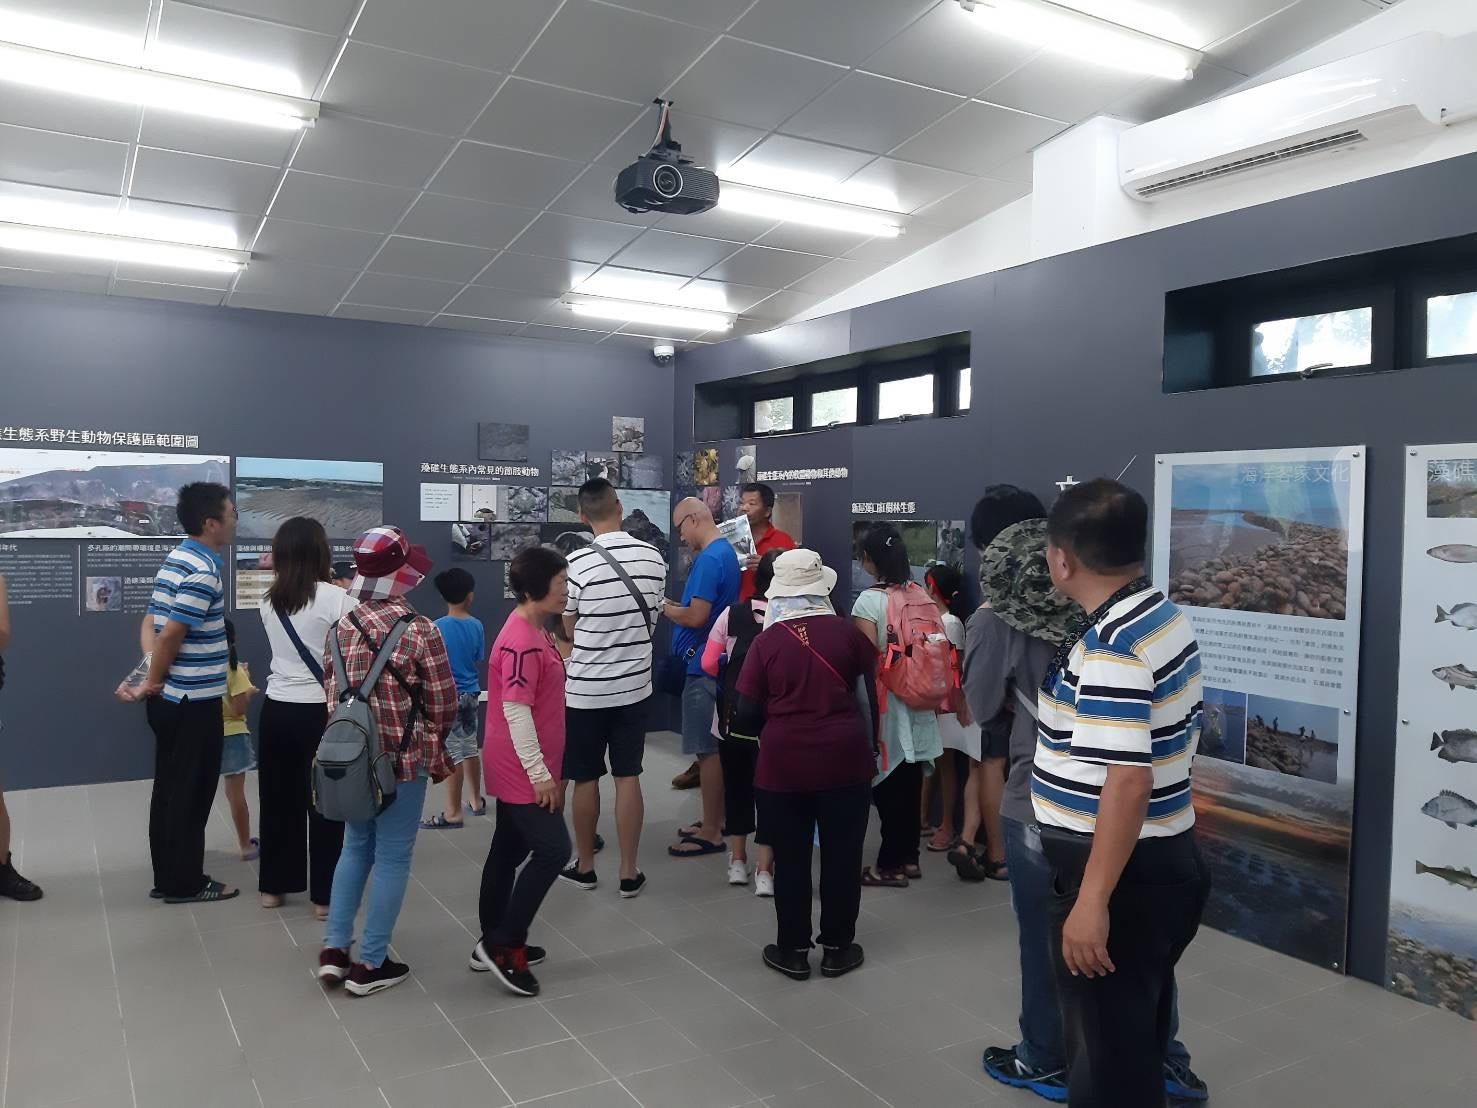 永興社區進行藻礁生態環境教室預約解說服務